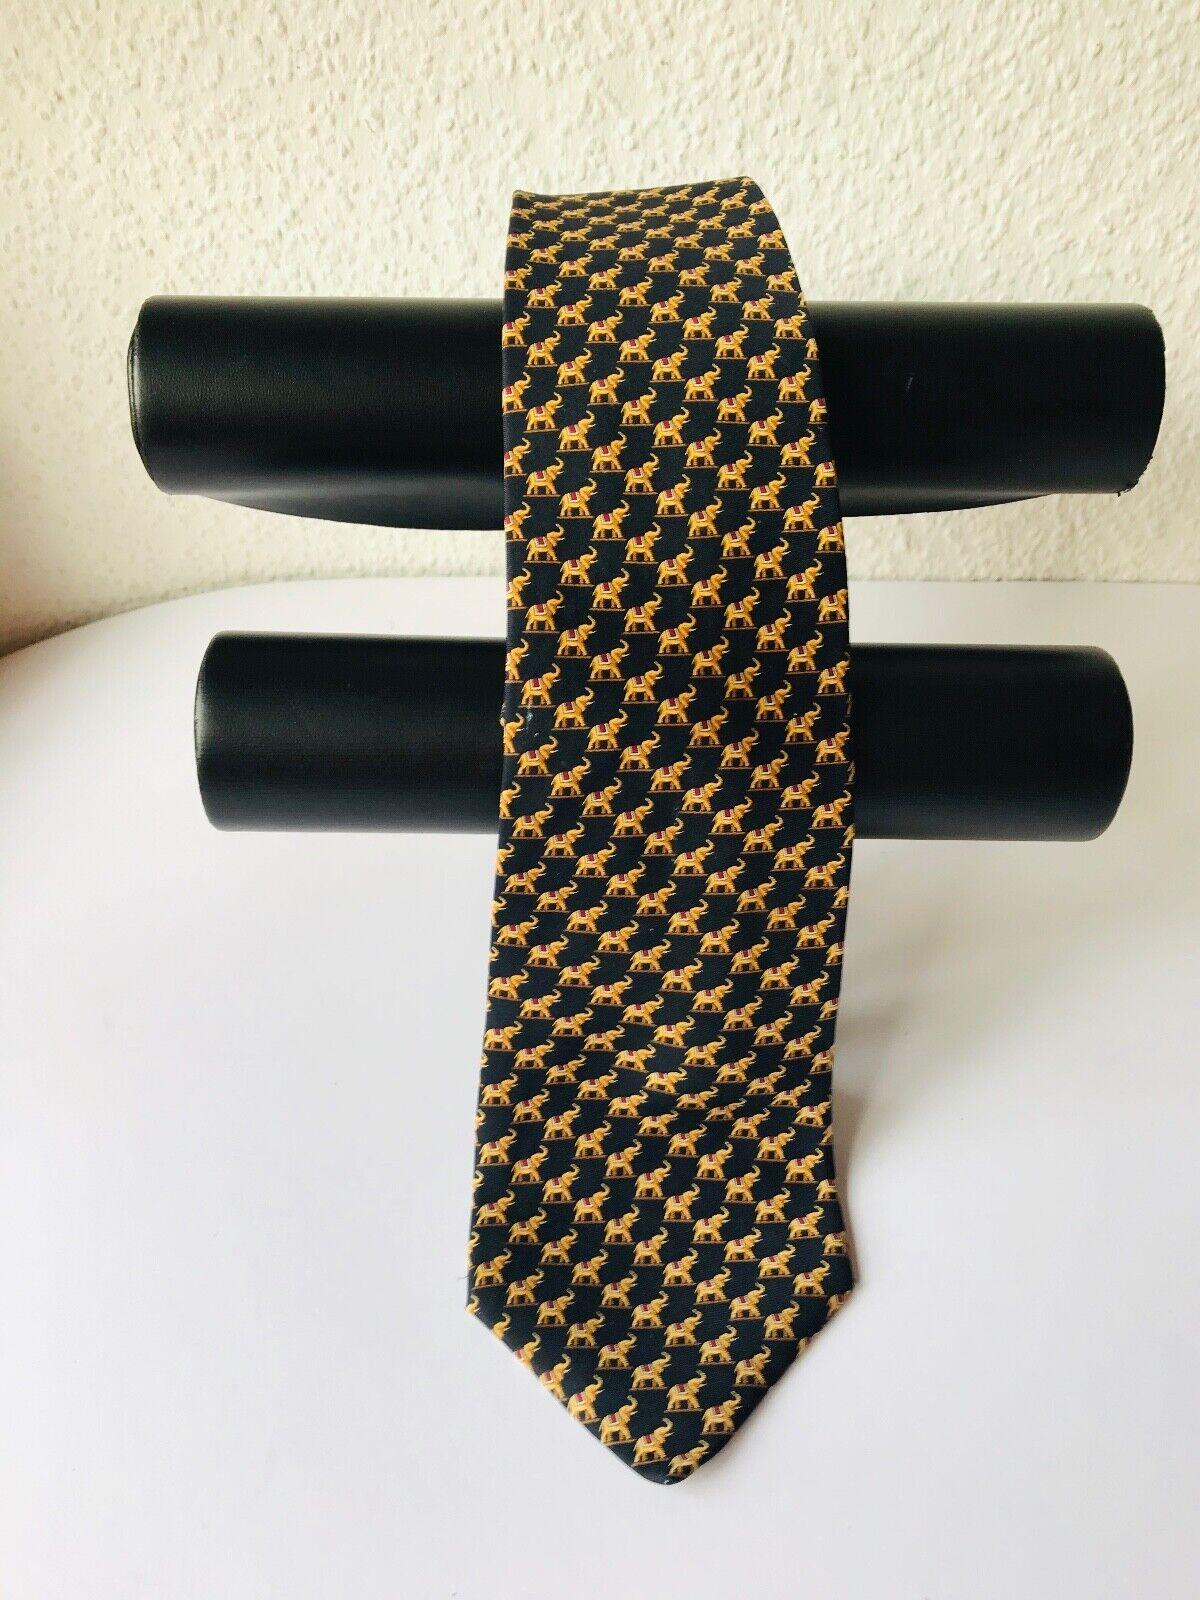 Edle Krawatte Hersteller der Firma Breuer mit Elefantenmotiven